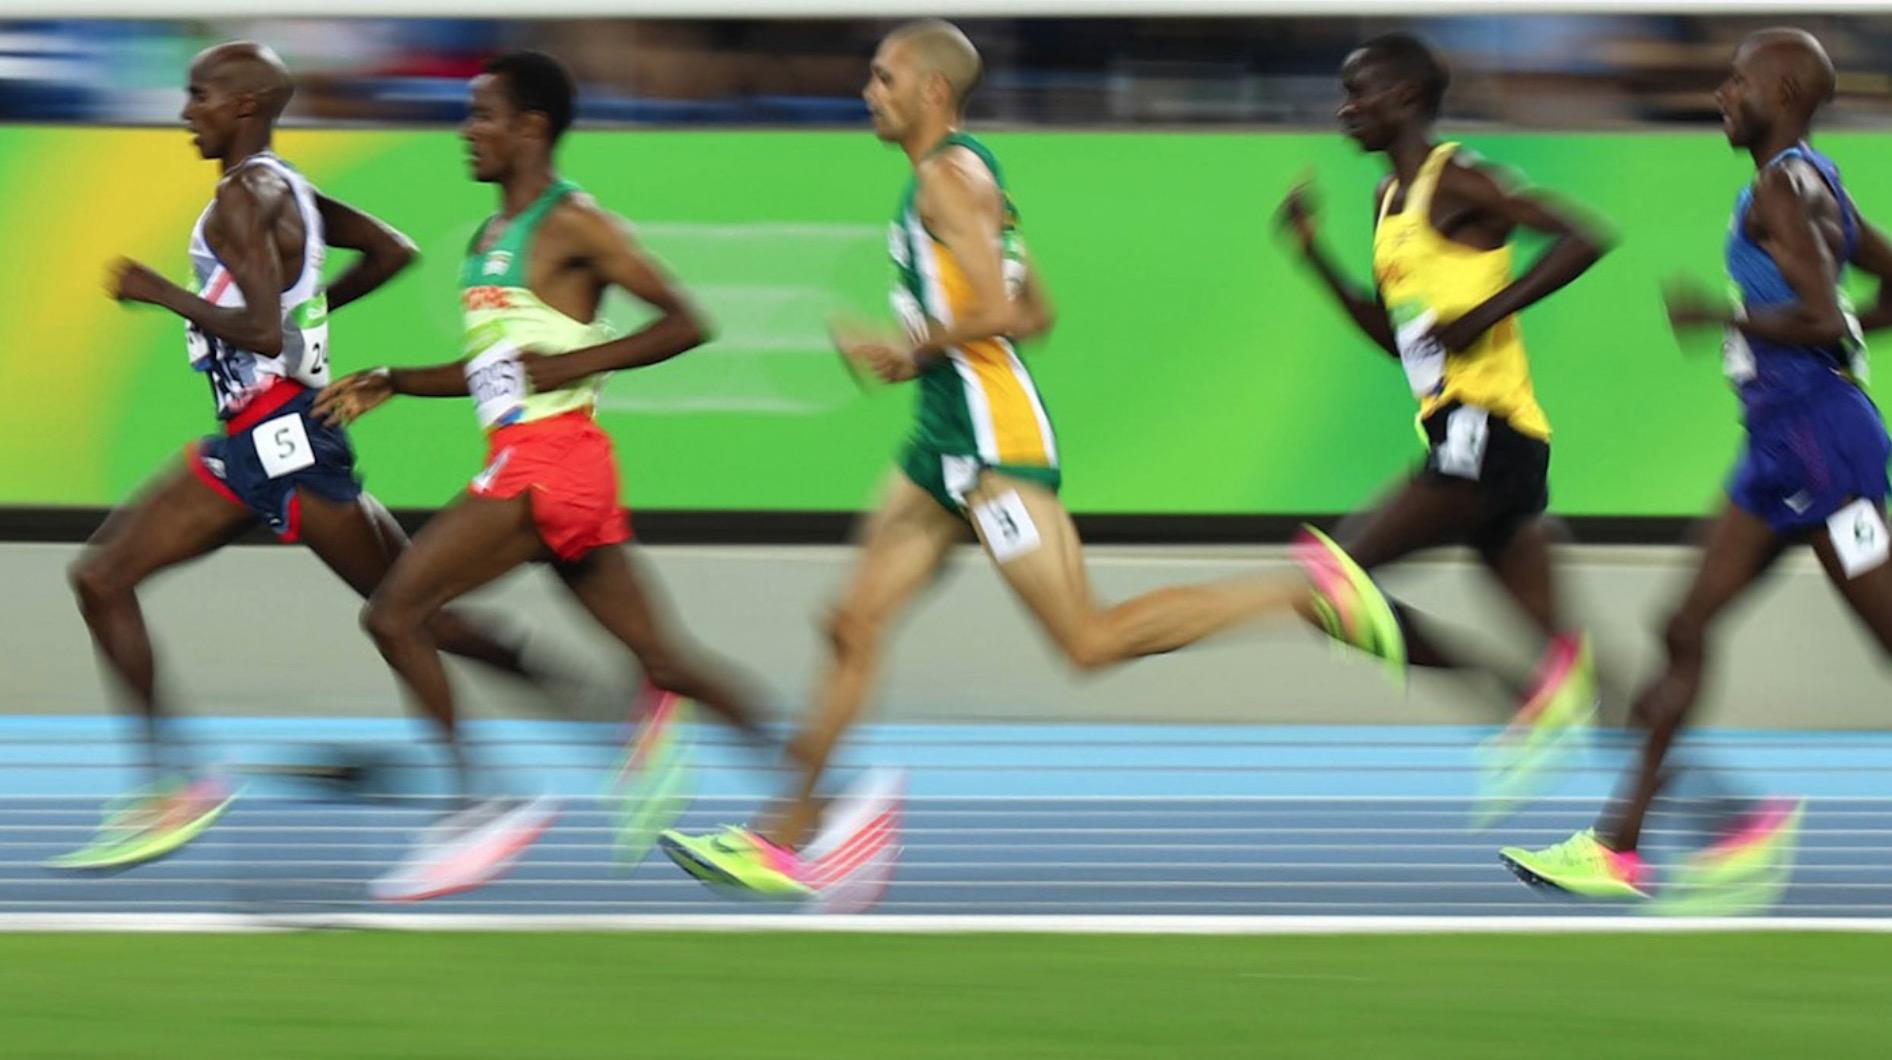 盈方获未来两届奥运会在非洲独家媒体权益